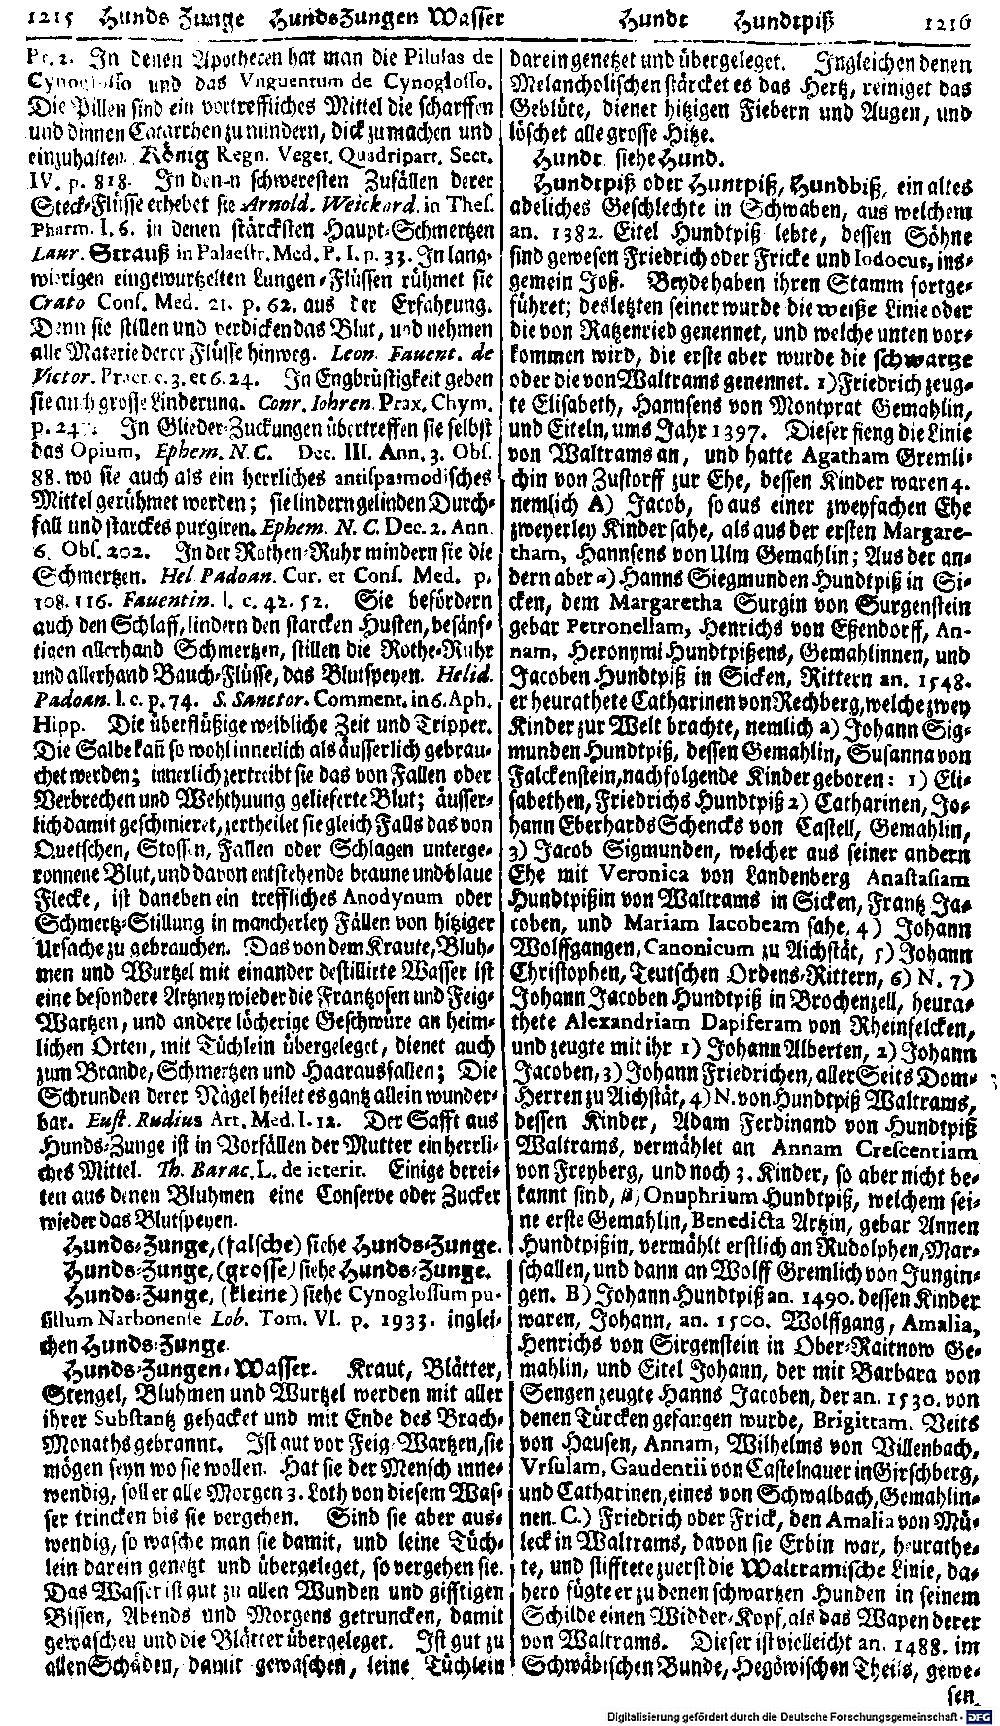 Bd. 13, Seite 0629.